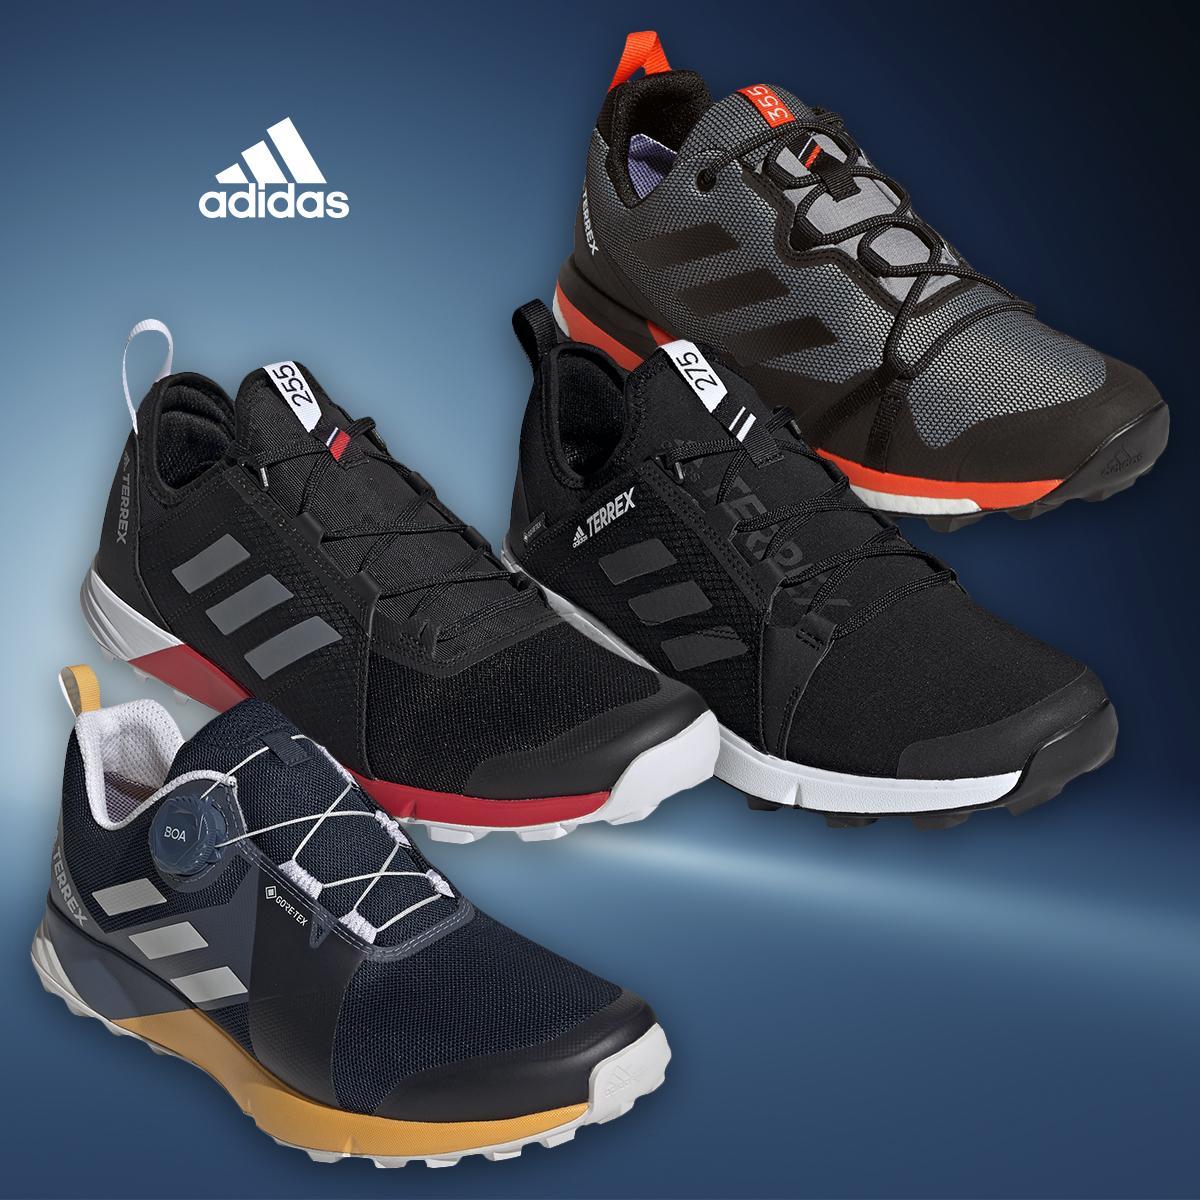 adidas Terrex Sale, zB.: Terrex Two Boa GTX